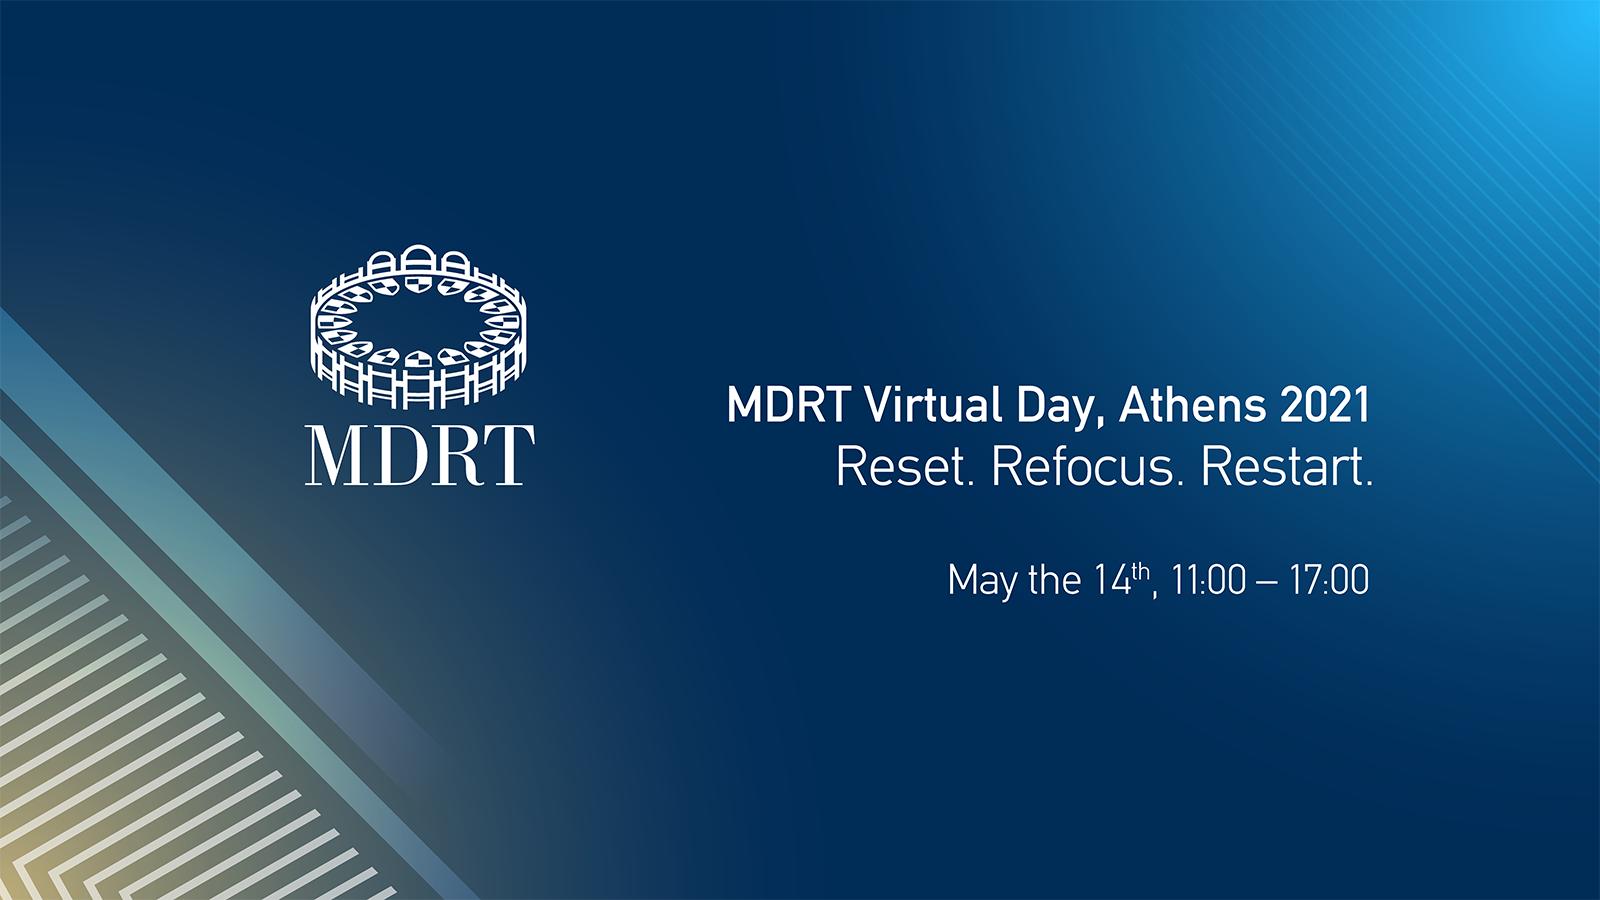 Αύριο το MDRT Athens Virtual Day